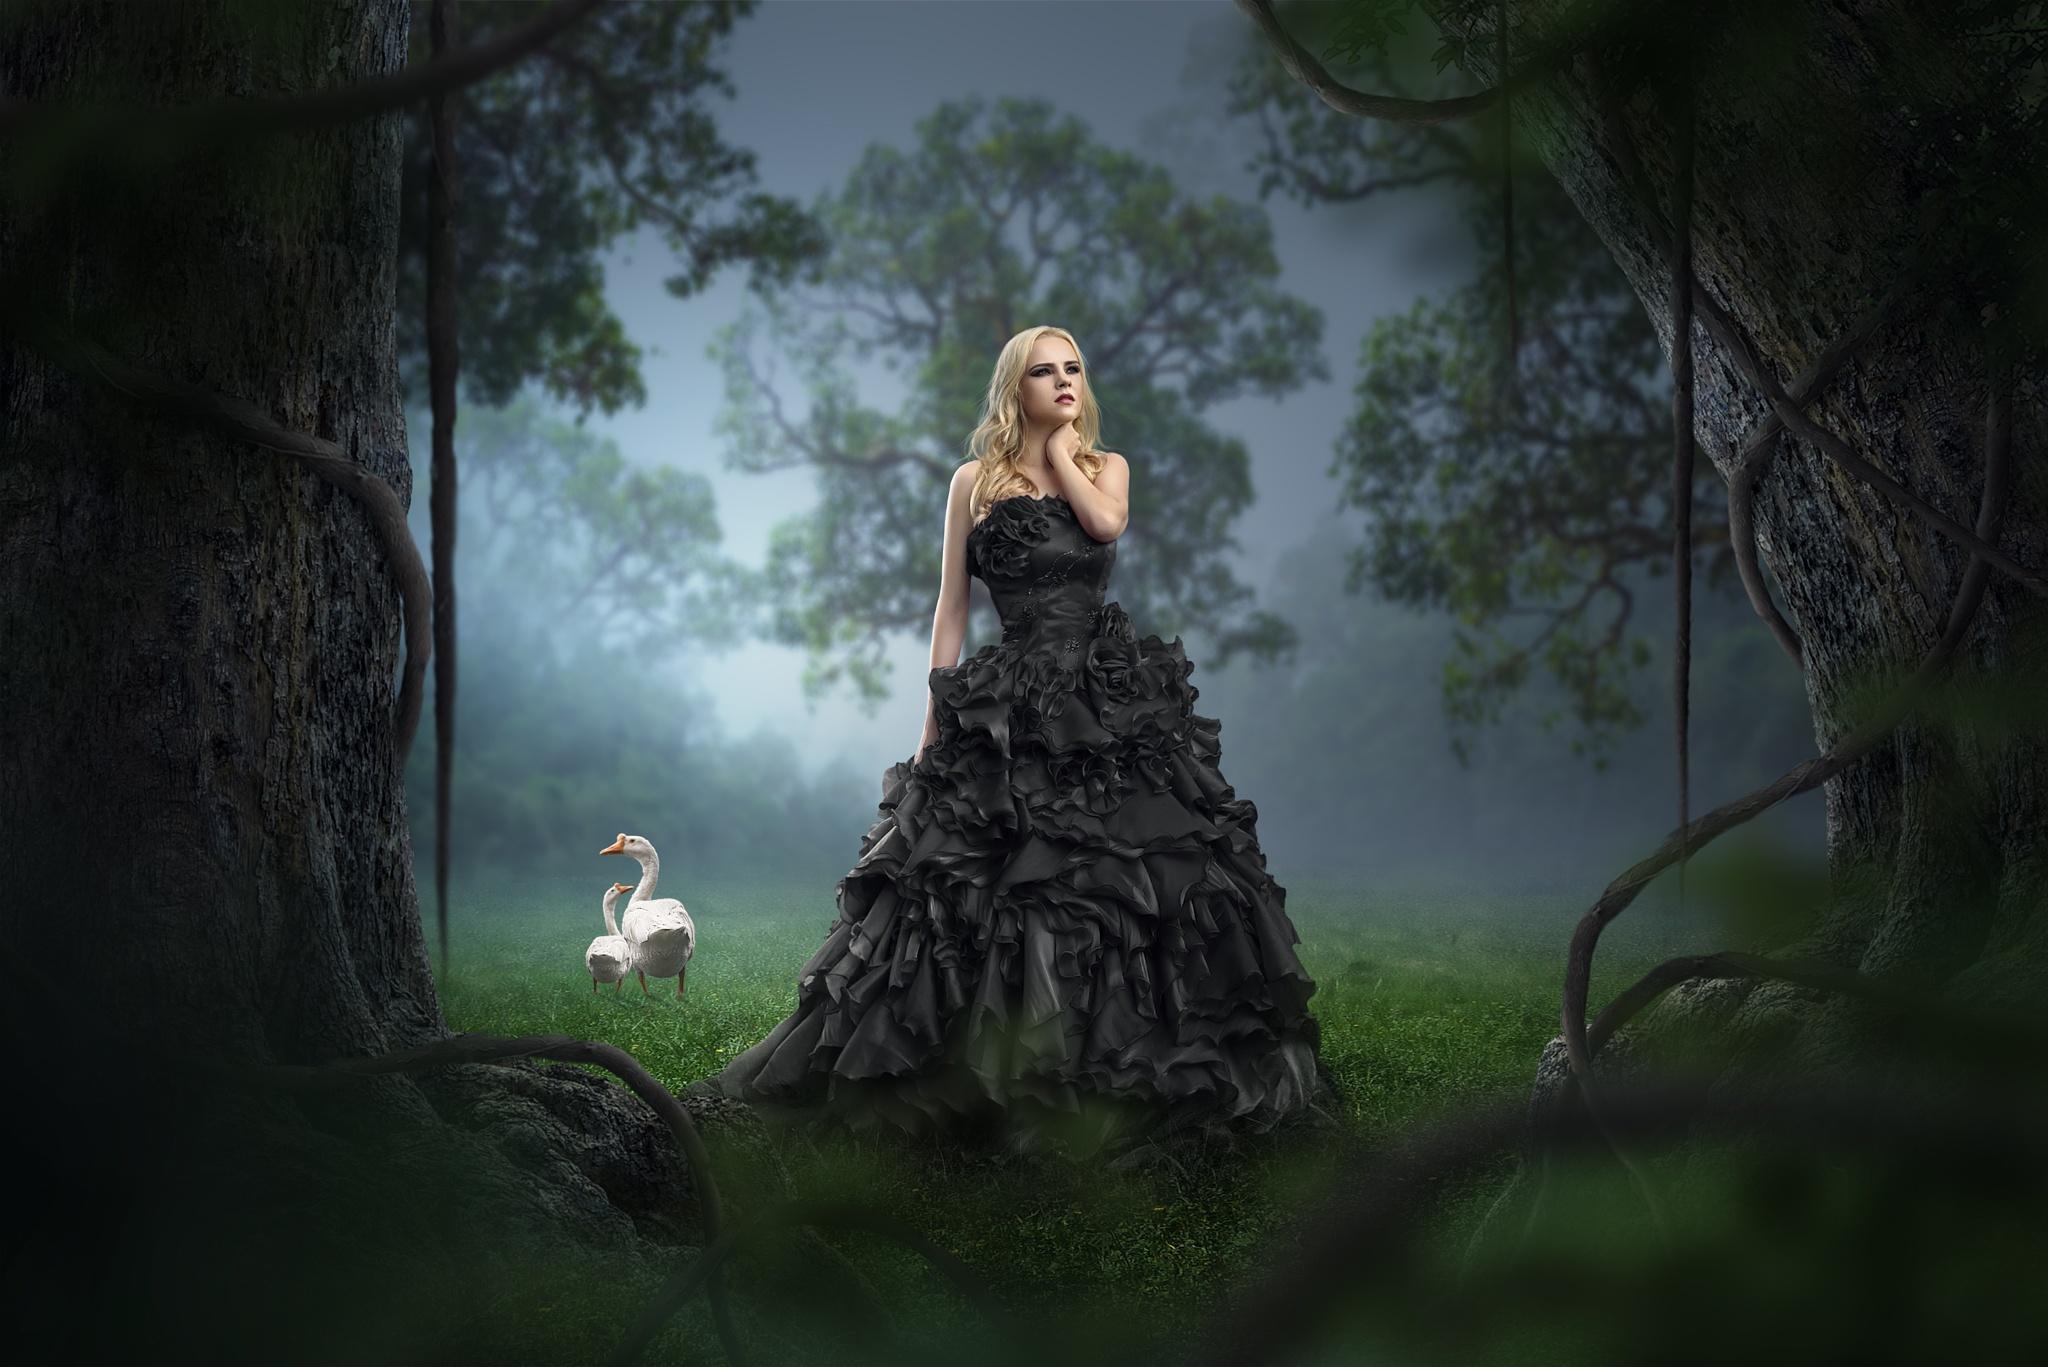 FairyLand by Dheny Patungka